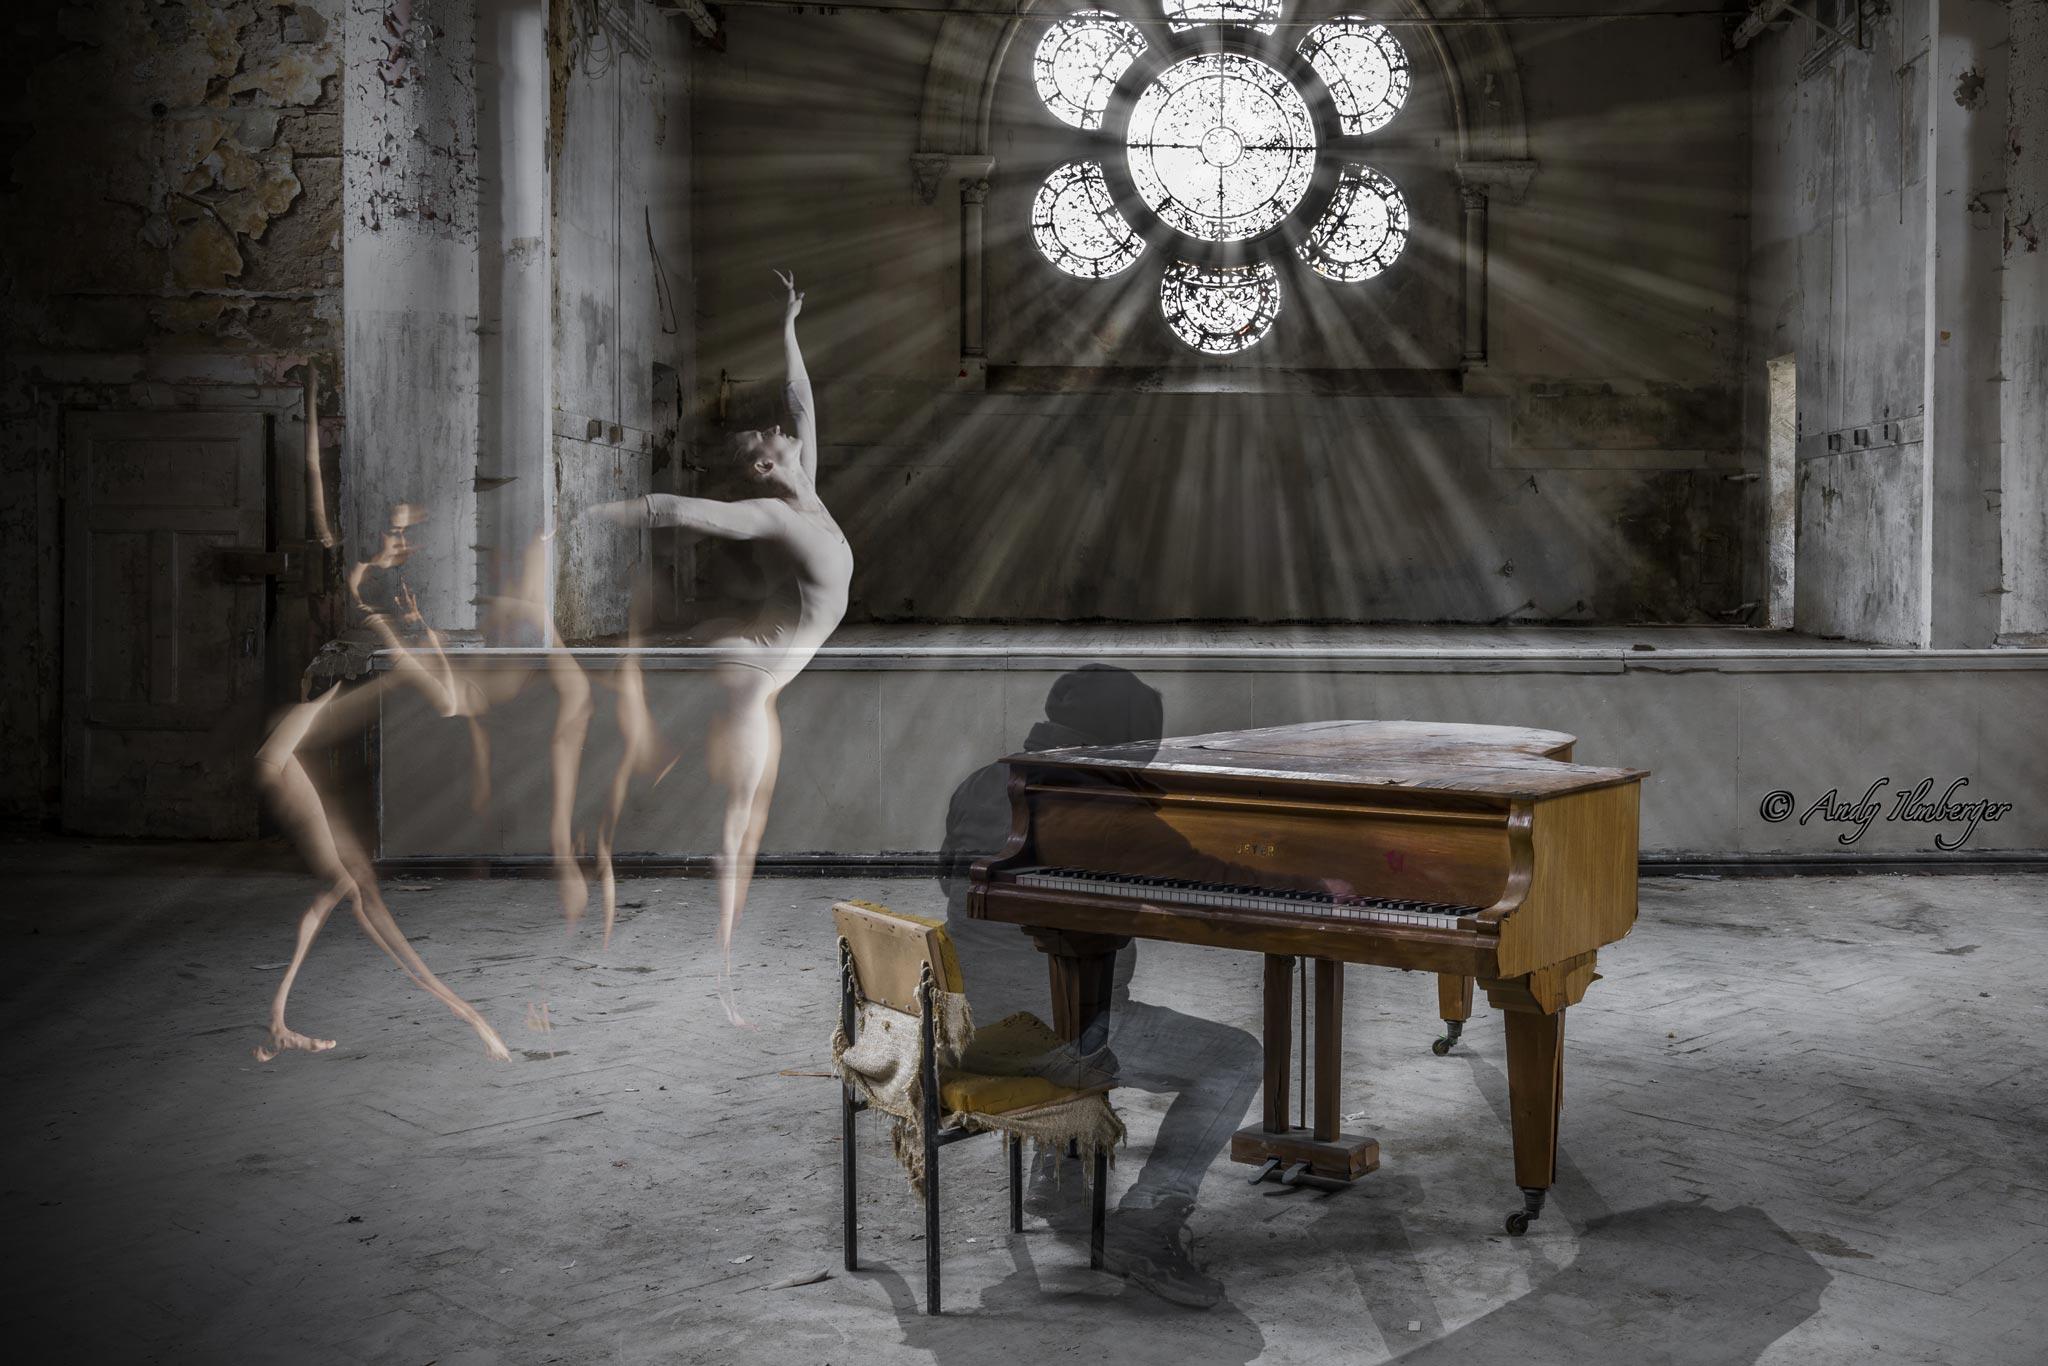 Composing Geist am Piano und die Tänzerin (Foto: Andy Ilmberger)